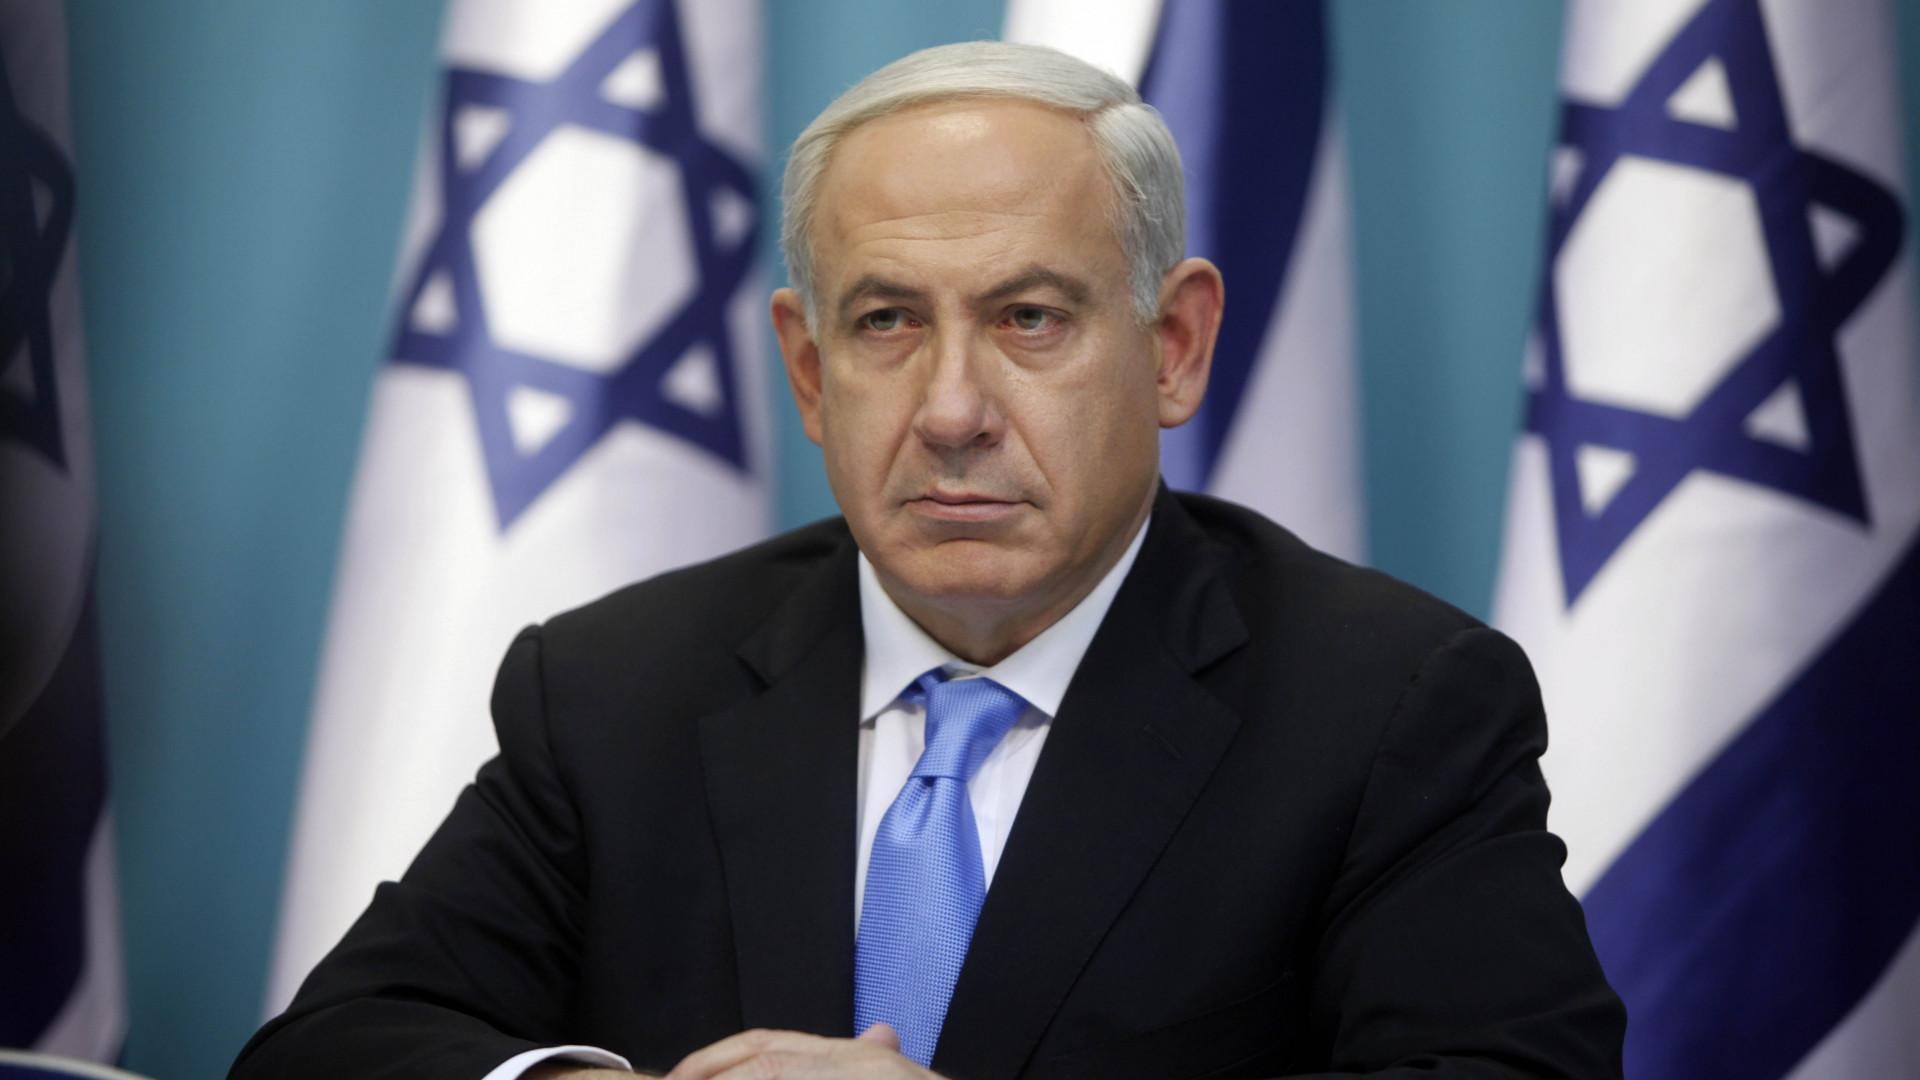 Választási csalással kezdett el vádaskodni Netanjahu, aztán úgy döntött, nem megy végig Trump útján